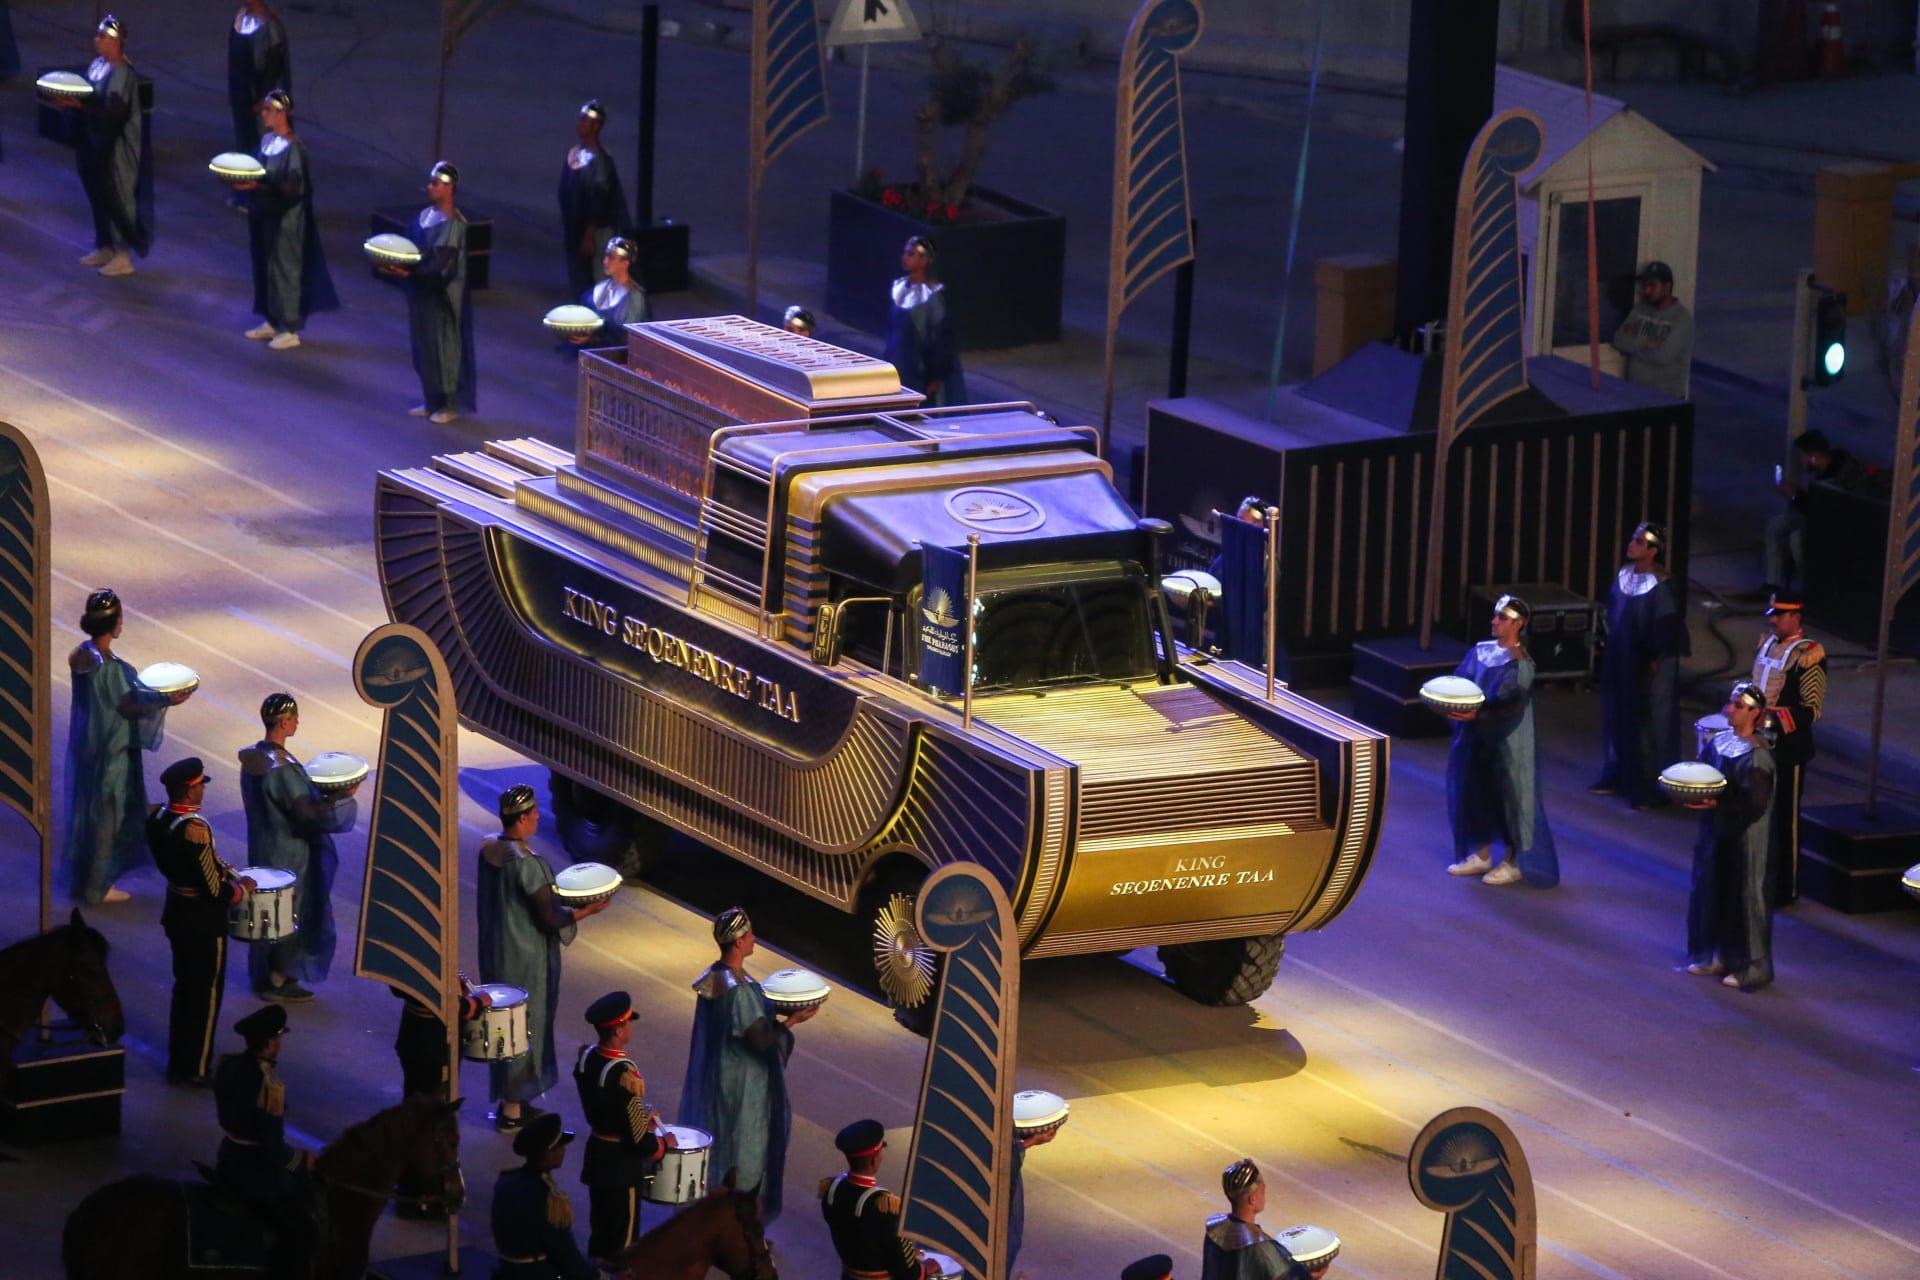 بكبسولات النيتروجين.. هكذا تم تجهيز المومياوات الملكية للموكب المهيب بمصر